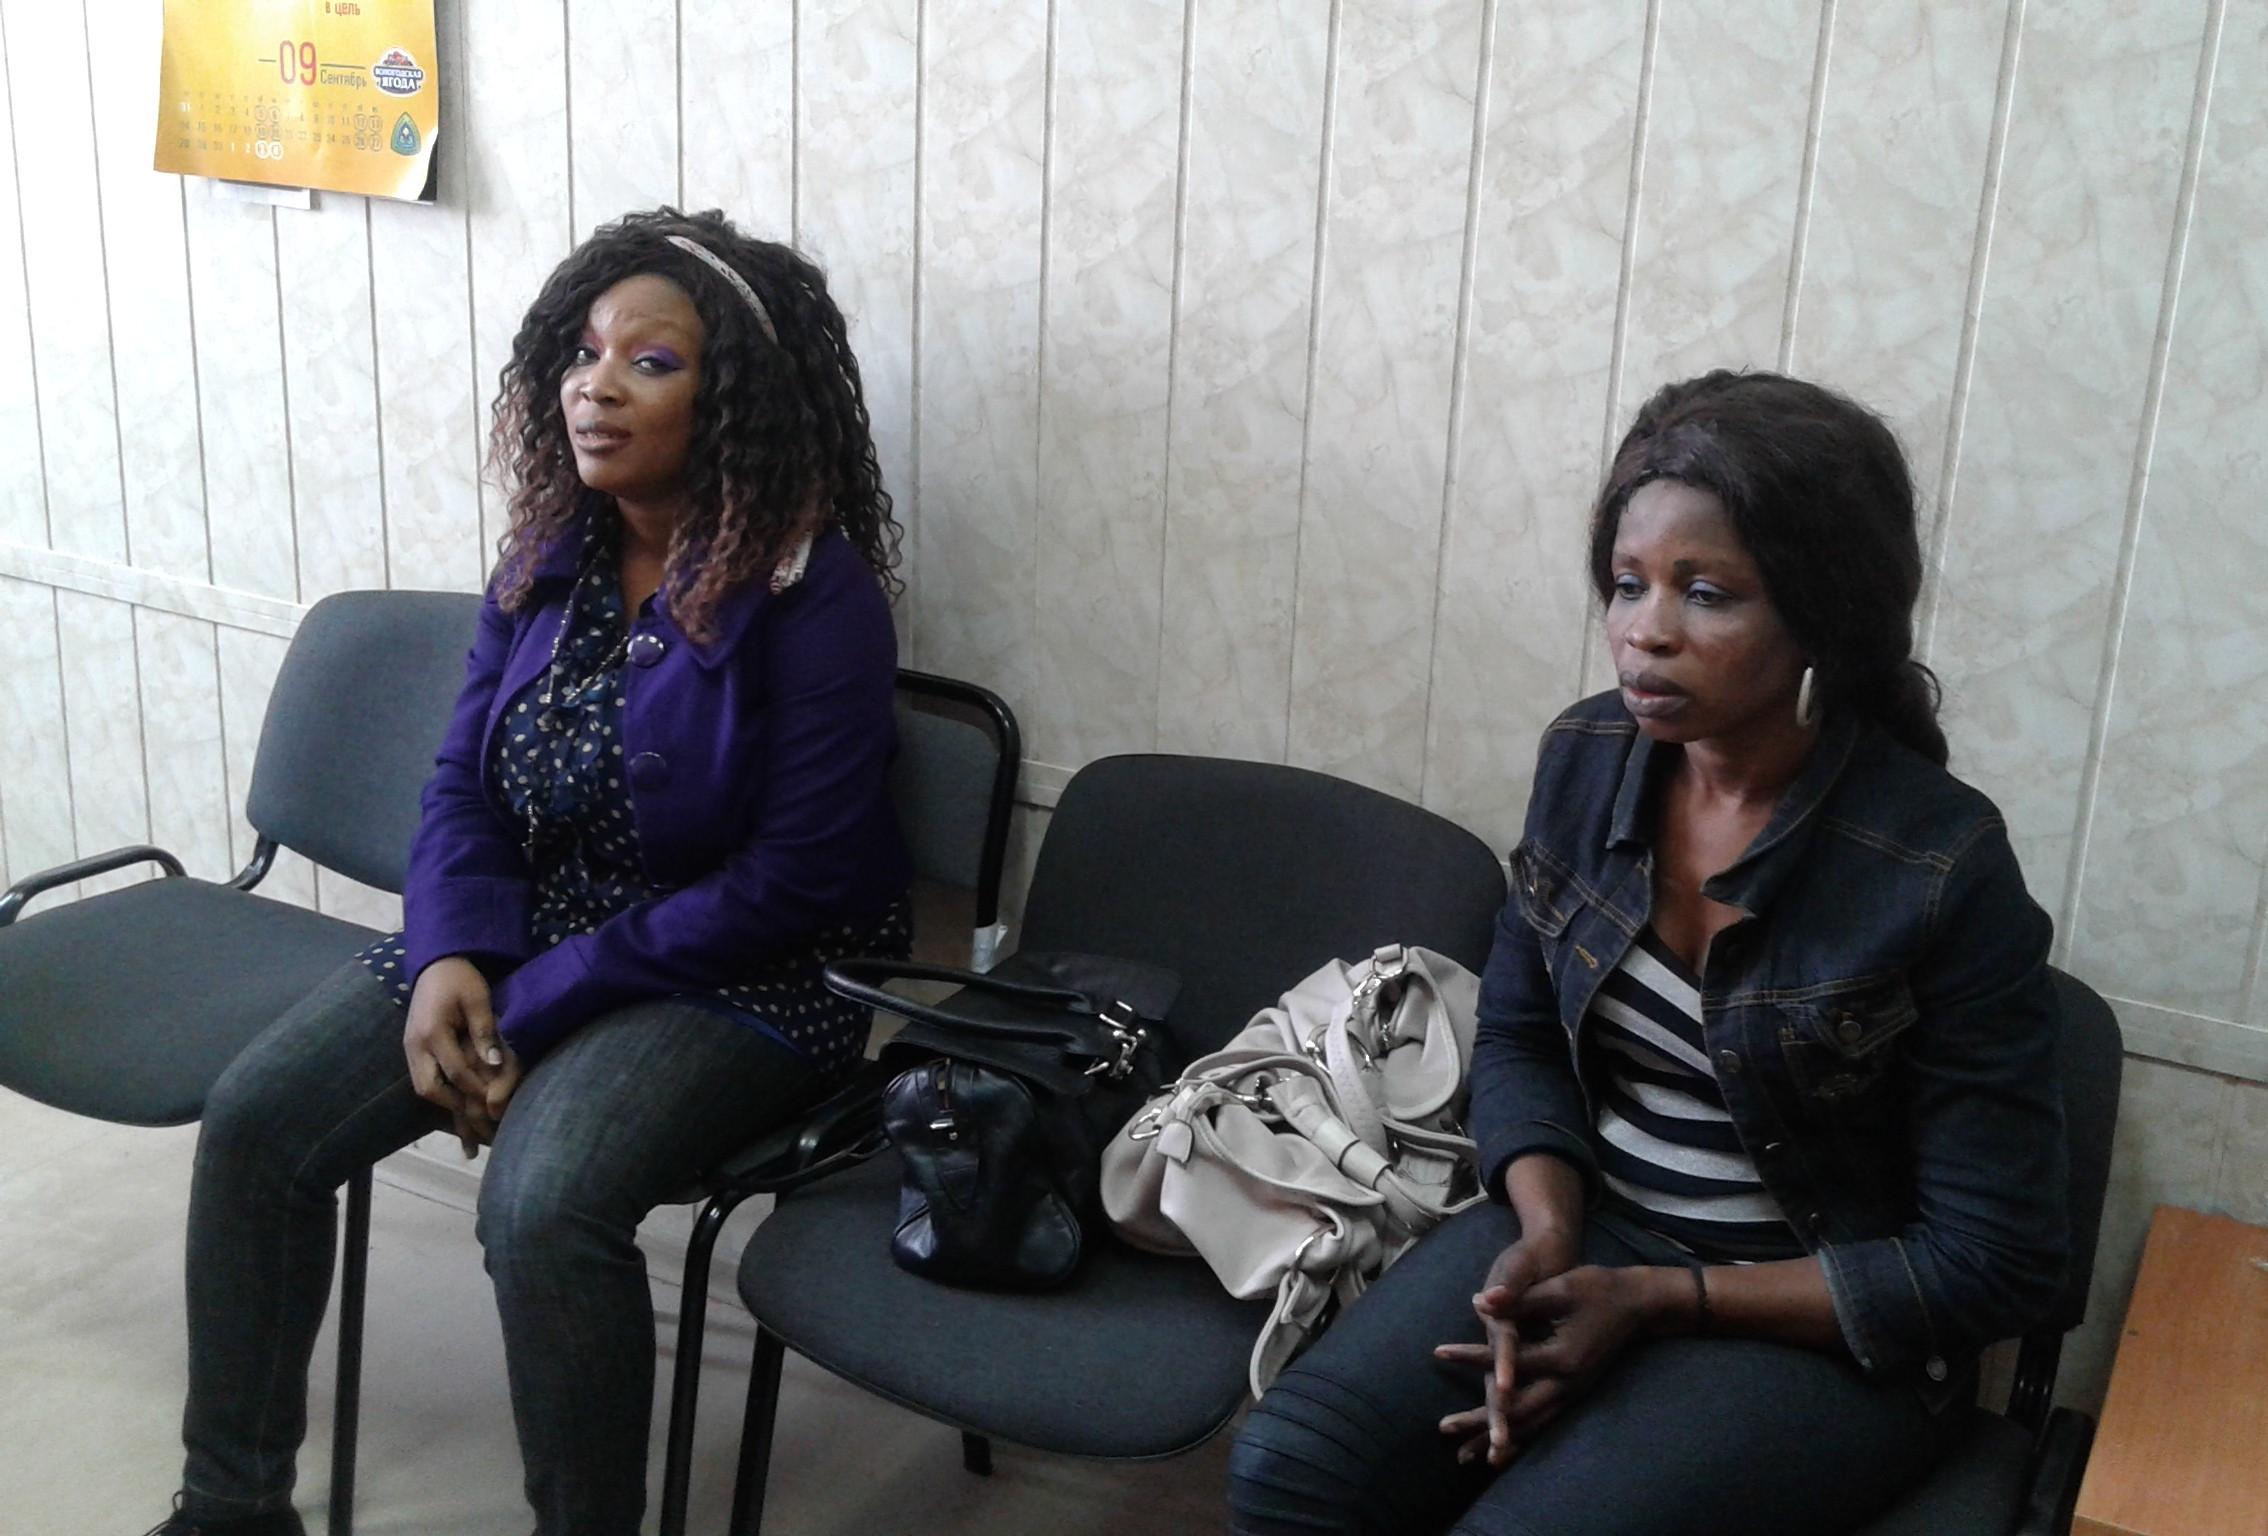 «Нелегал-2015»: В Вологде поймали двух африканок